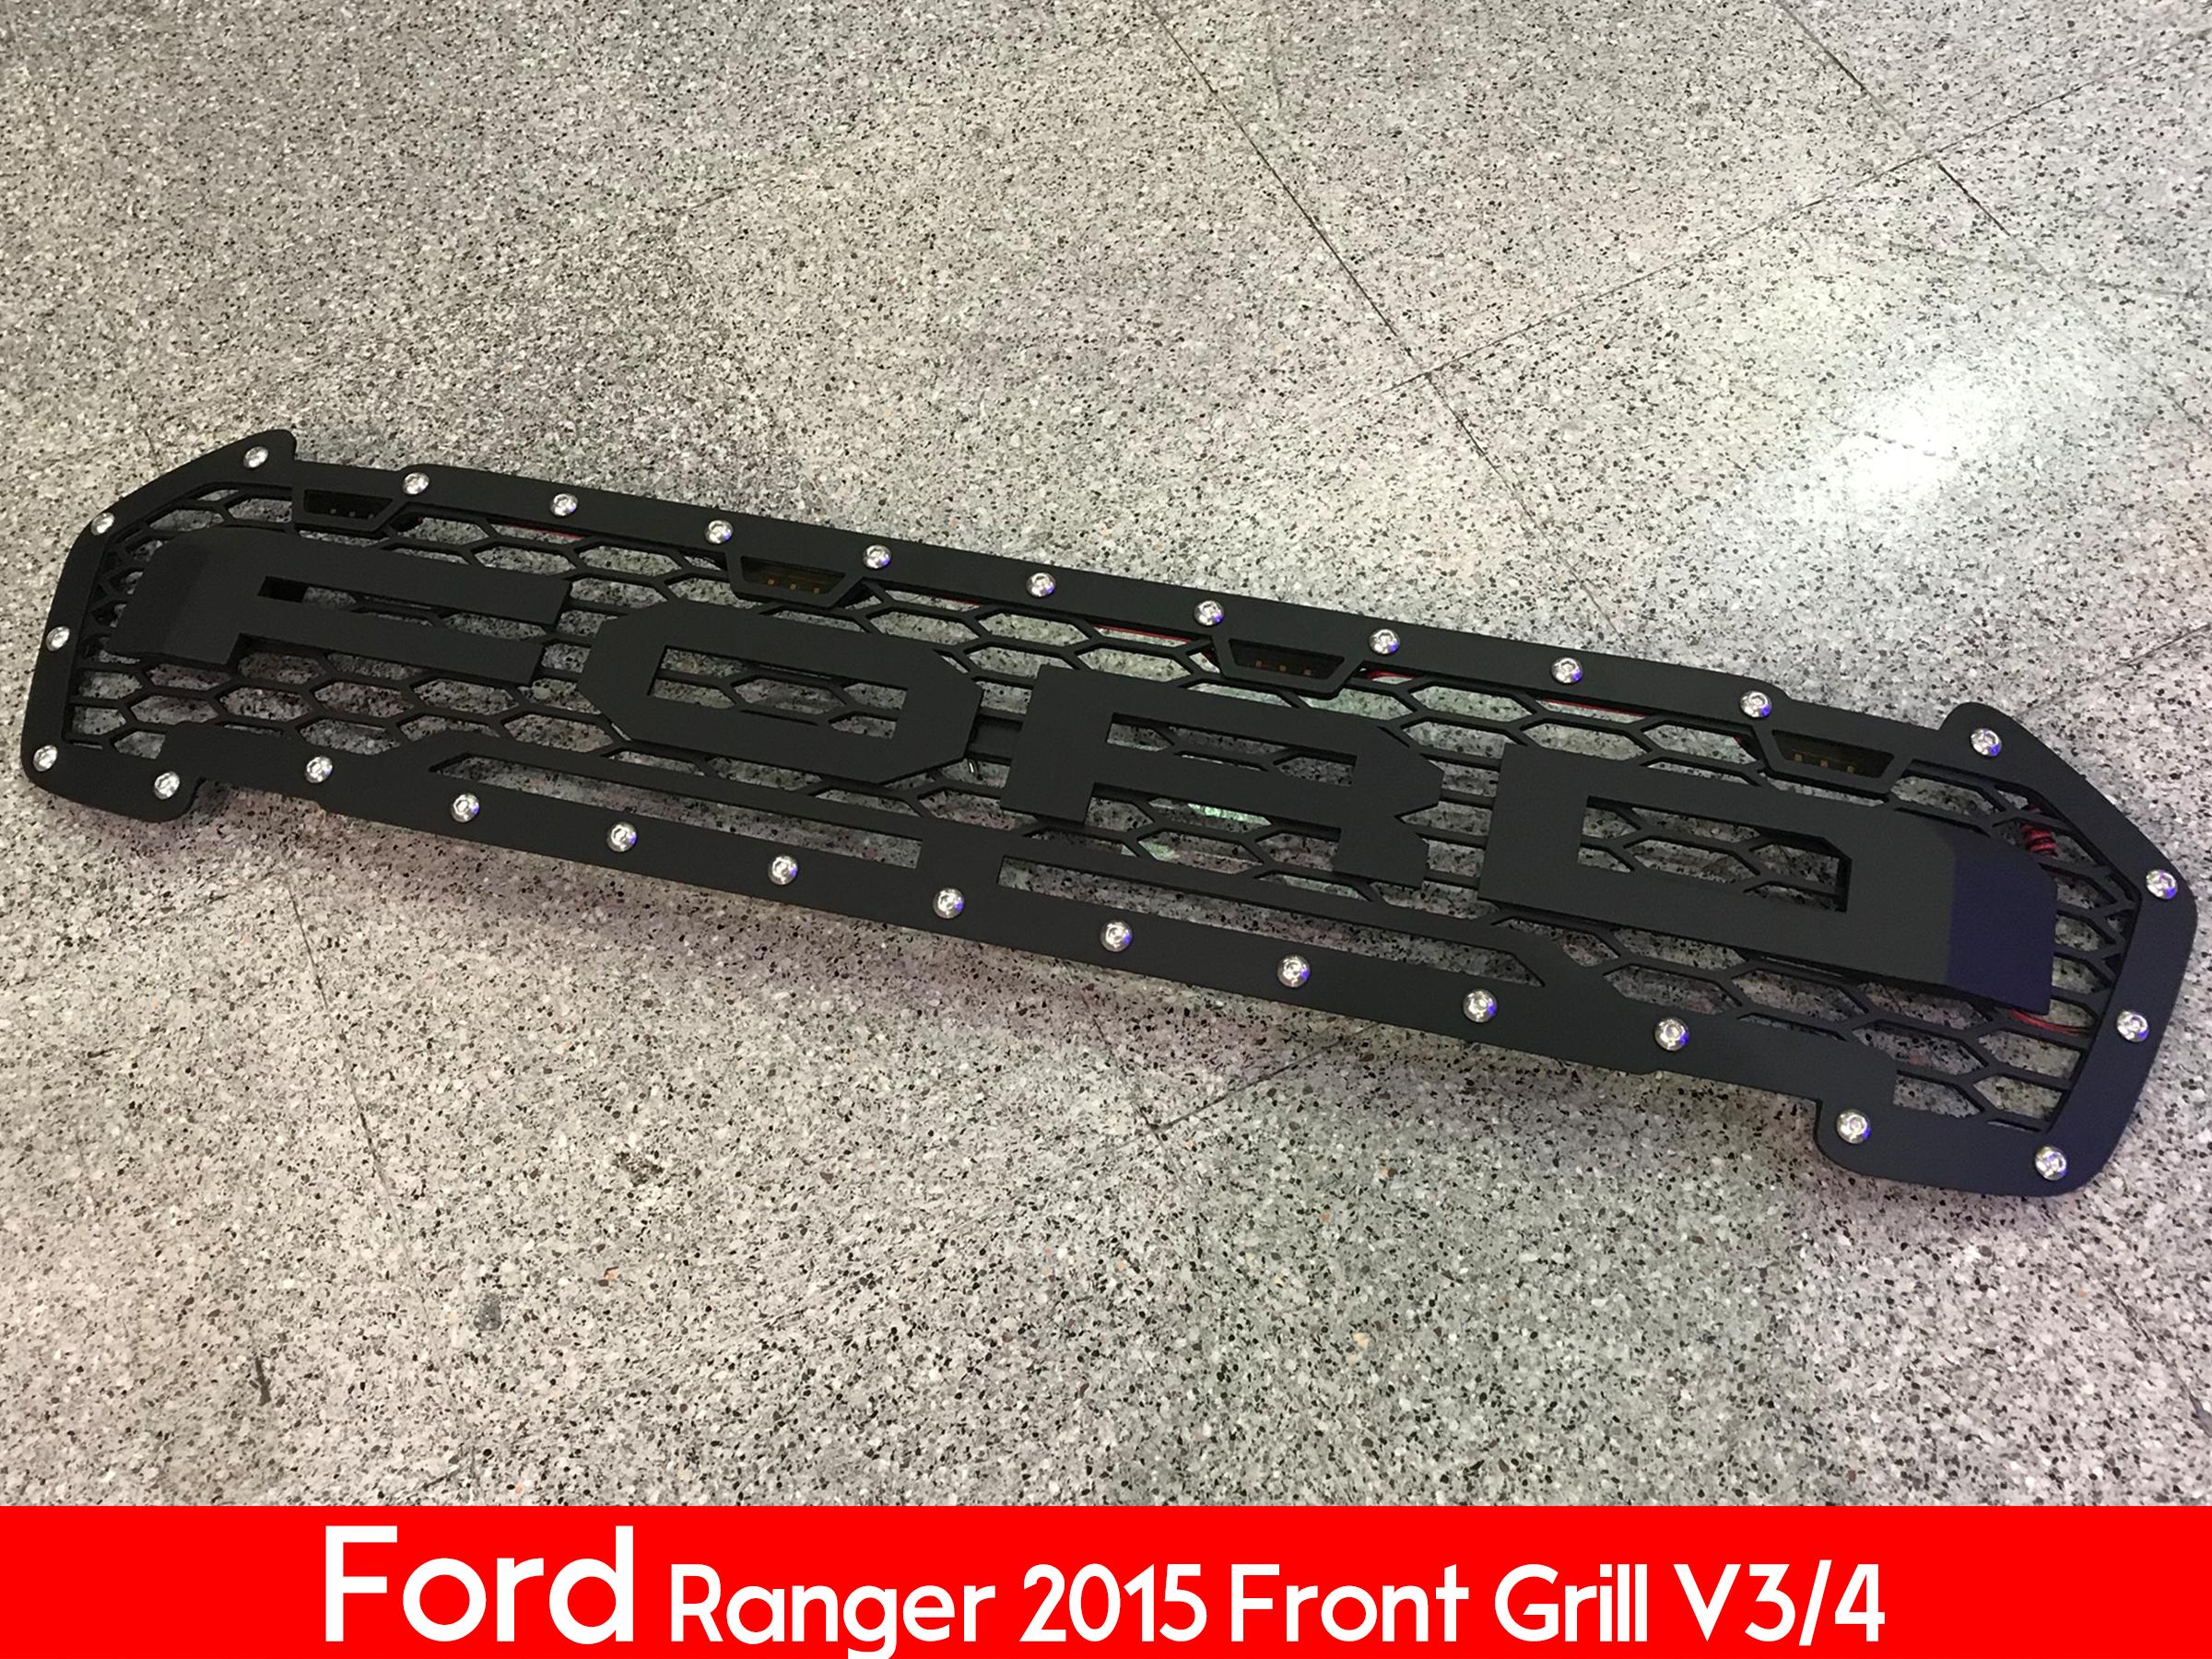 ผลการค้นหารูปภาพสำหรับ กระจังหน้า Ford Ranger V3/4 พร้อม Logo Ford